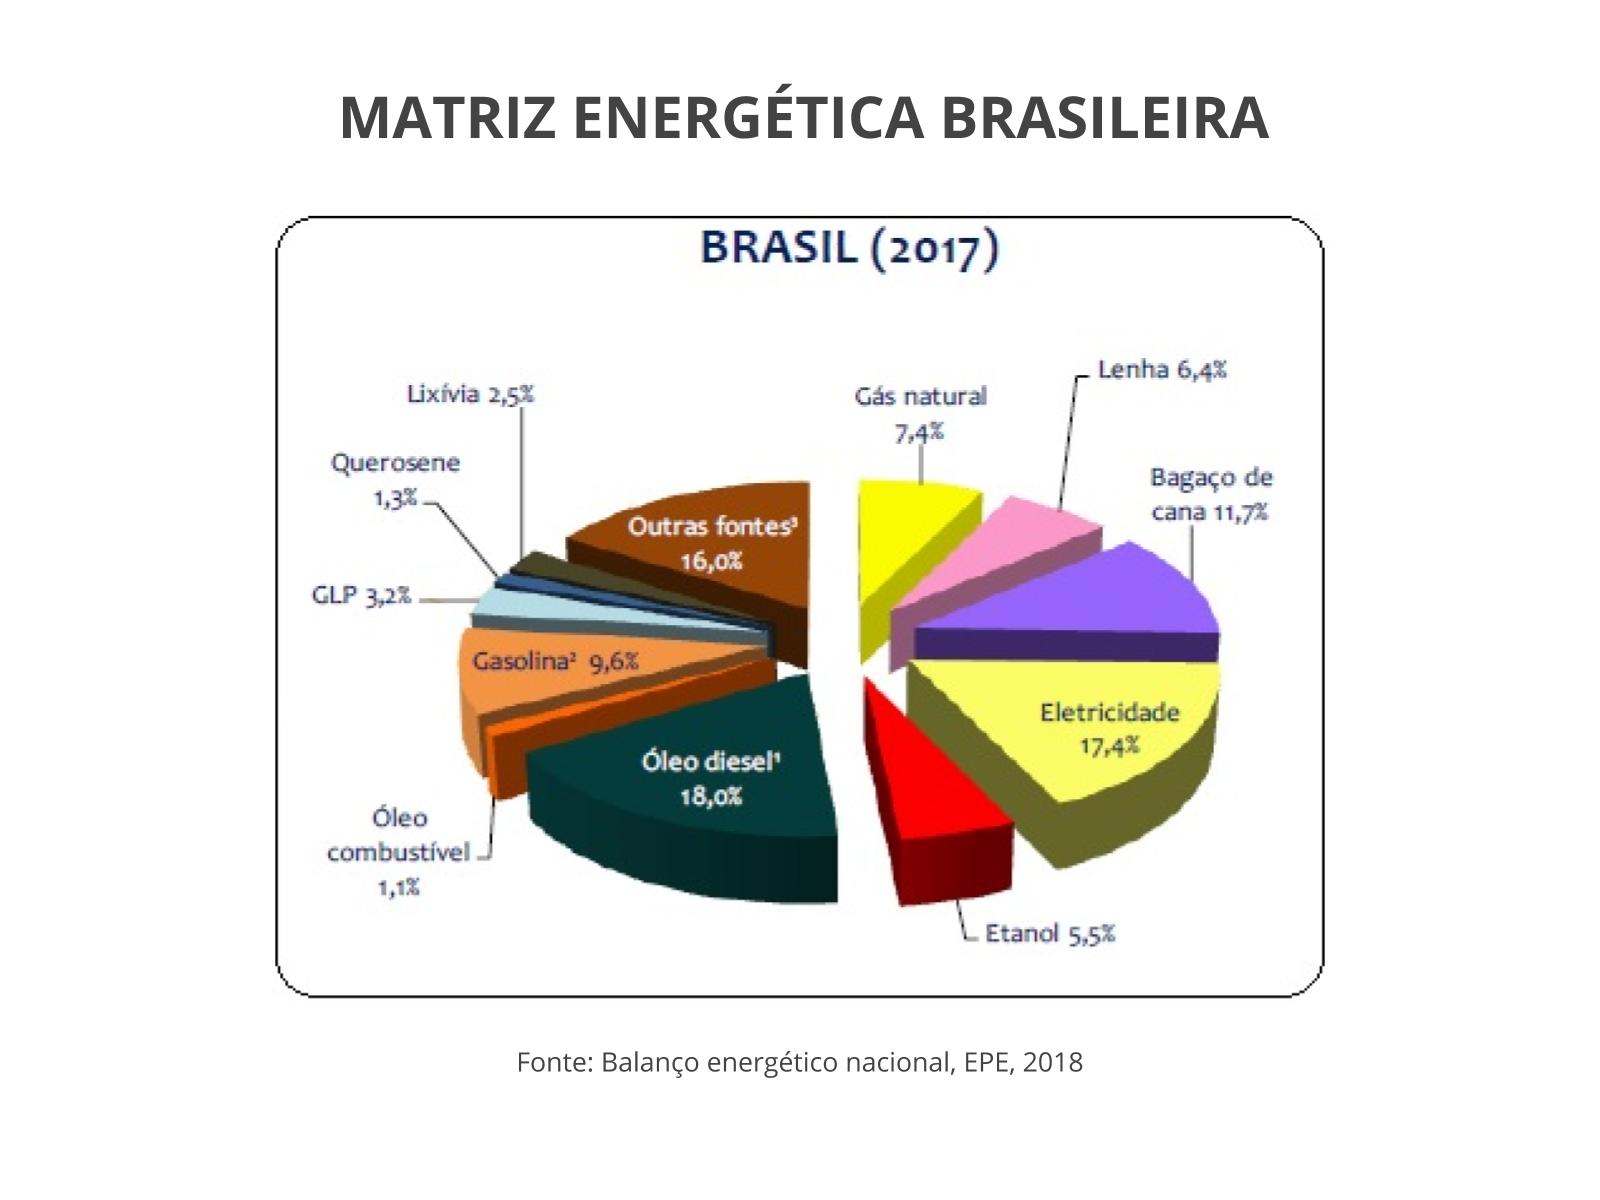 Matrizes energética e elétrica brasileiras e mundiais